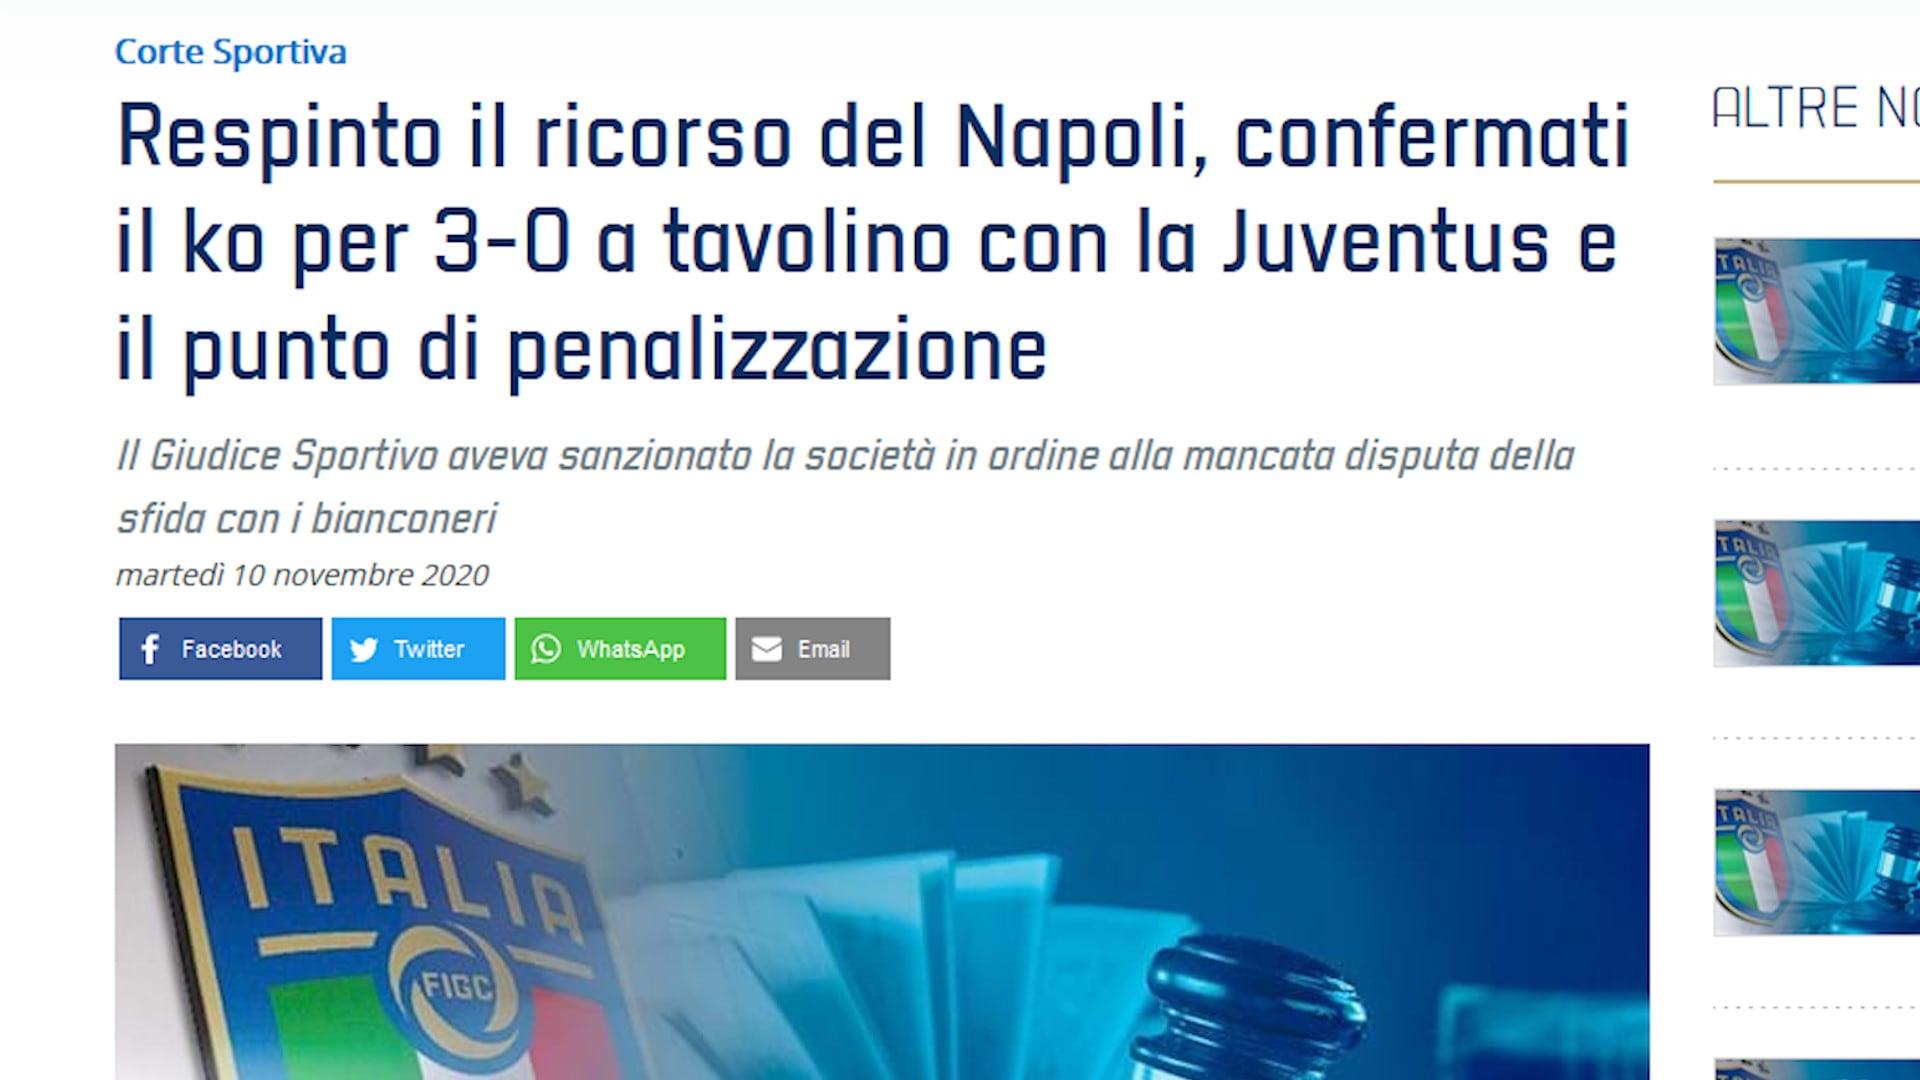 Juve-Napoli, respinto ricorso azzurro: confermati 3-0 e penalizzazione